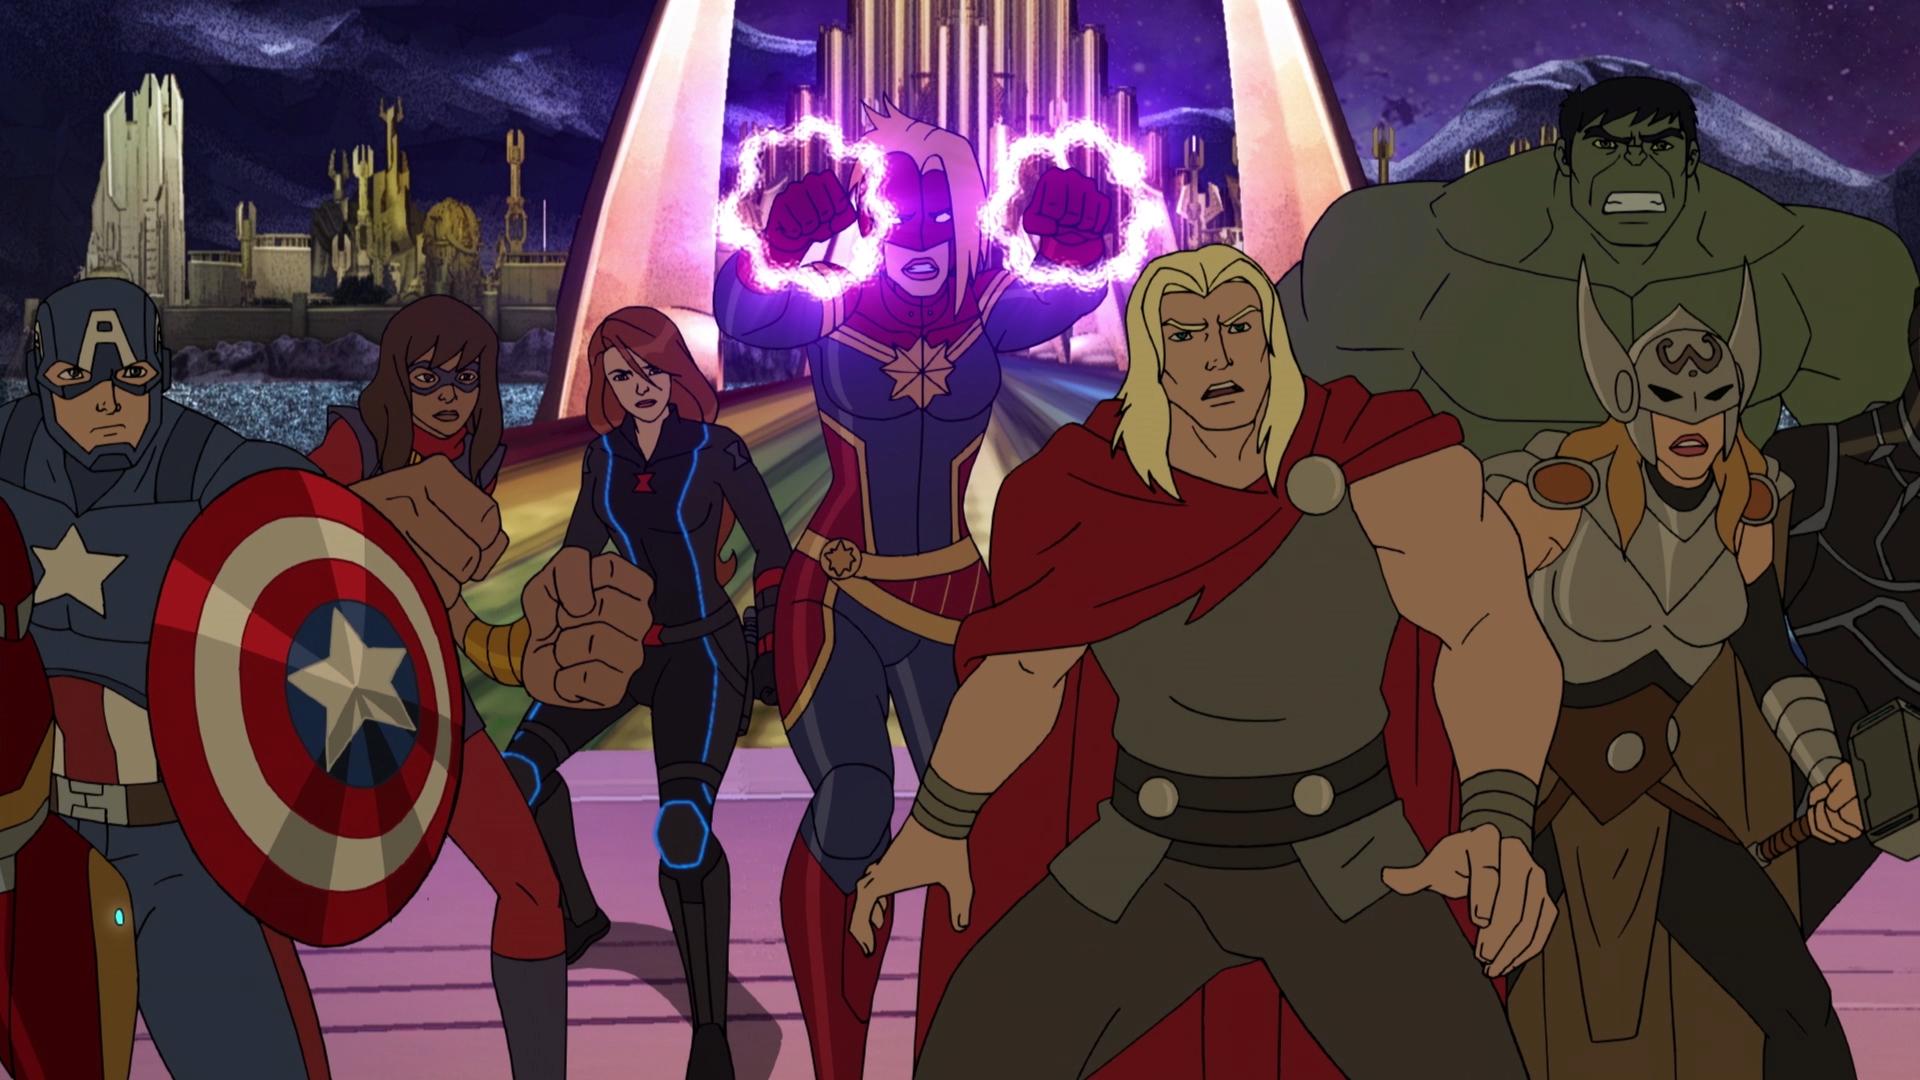 Image Avengers Assemble Season 4 Secret Wars Image Png